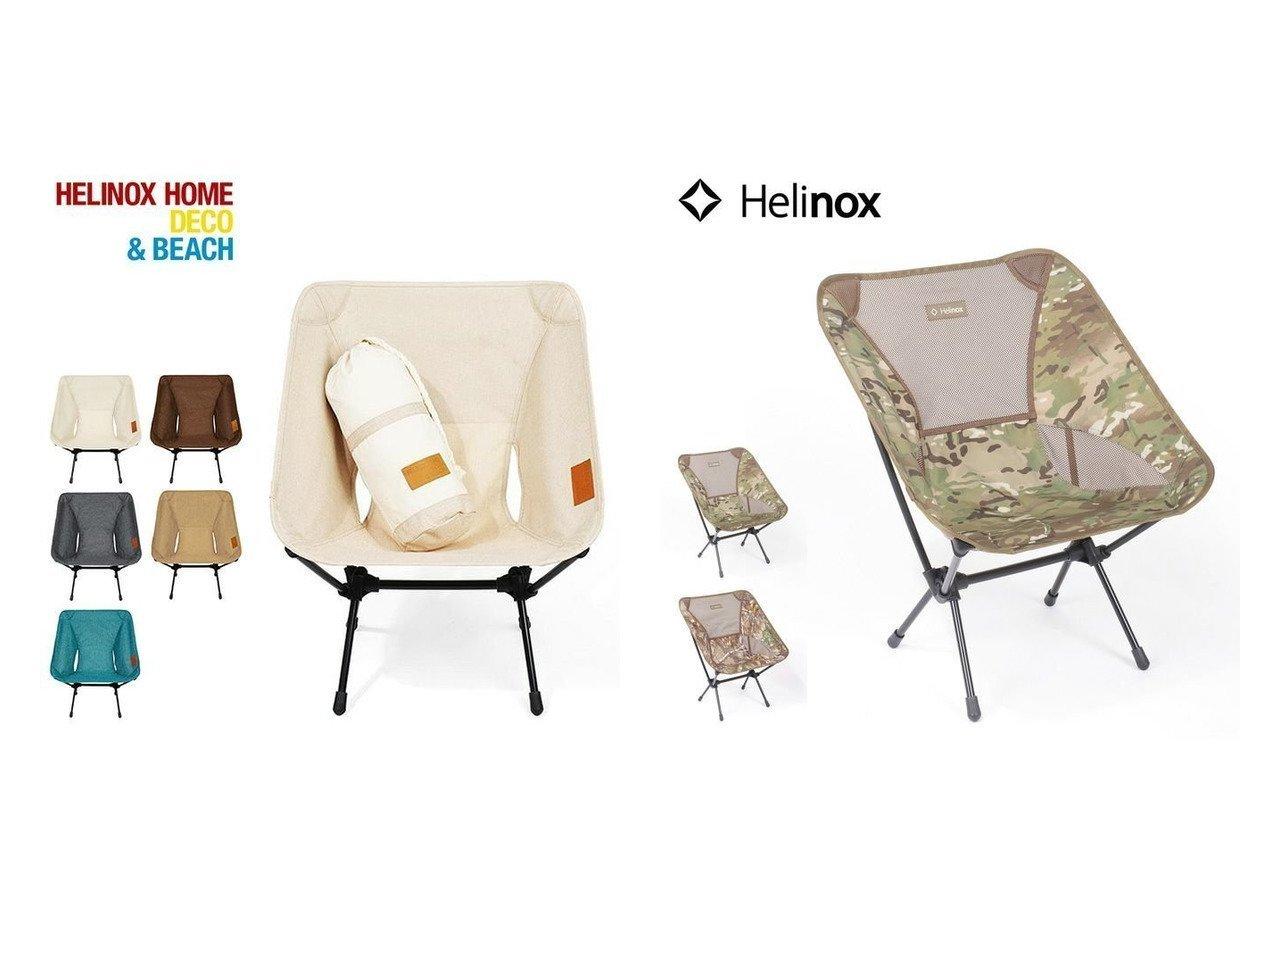 【Helinox/ヘリノックス】のHOME コンフォートチェア&チェアワンカモ おすすめ!人気キャンプ・アウトドア用品の通販 おすすめで人気の流行・トレンド、ファッションの通販商品 メンズファッション・キッズファッション・インテリア・家具・レディースファッション・服の通販 founy(ファニー) https://founy.com/ 軽量 シンプル フレーム カモフラージュ コンパクト メッシュ リアル ホーム・キャンプ・アウトドア Home,Garden,Outdoor,Camping Gear キャンプ用品・アウトドア  Camping Gear & Outdoor Supplies チェア テーブル Camp Chairs, Camping Tables |ID:crp329100000035822